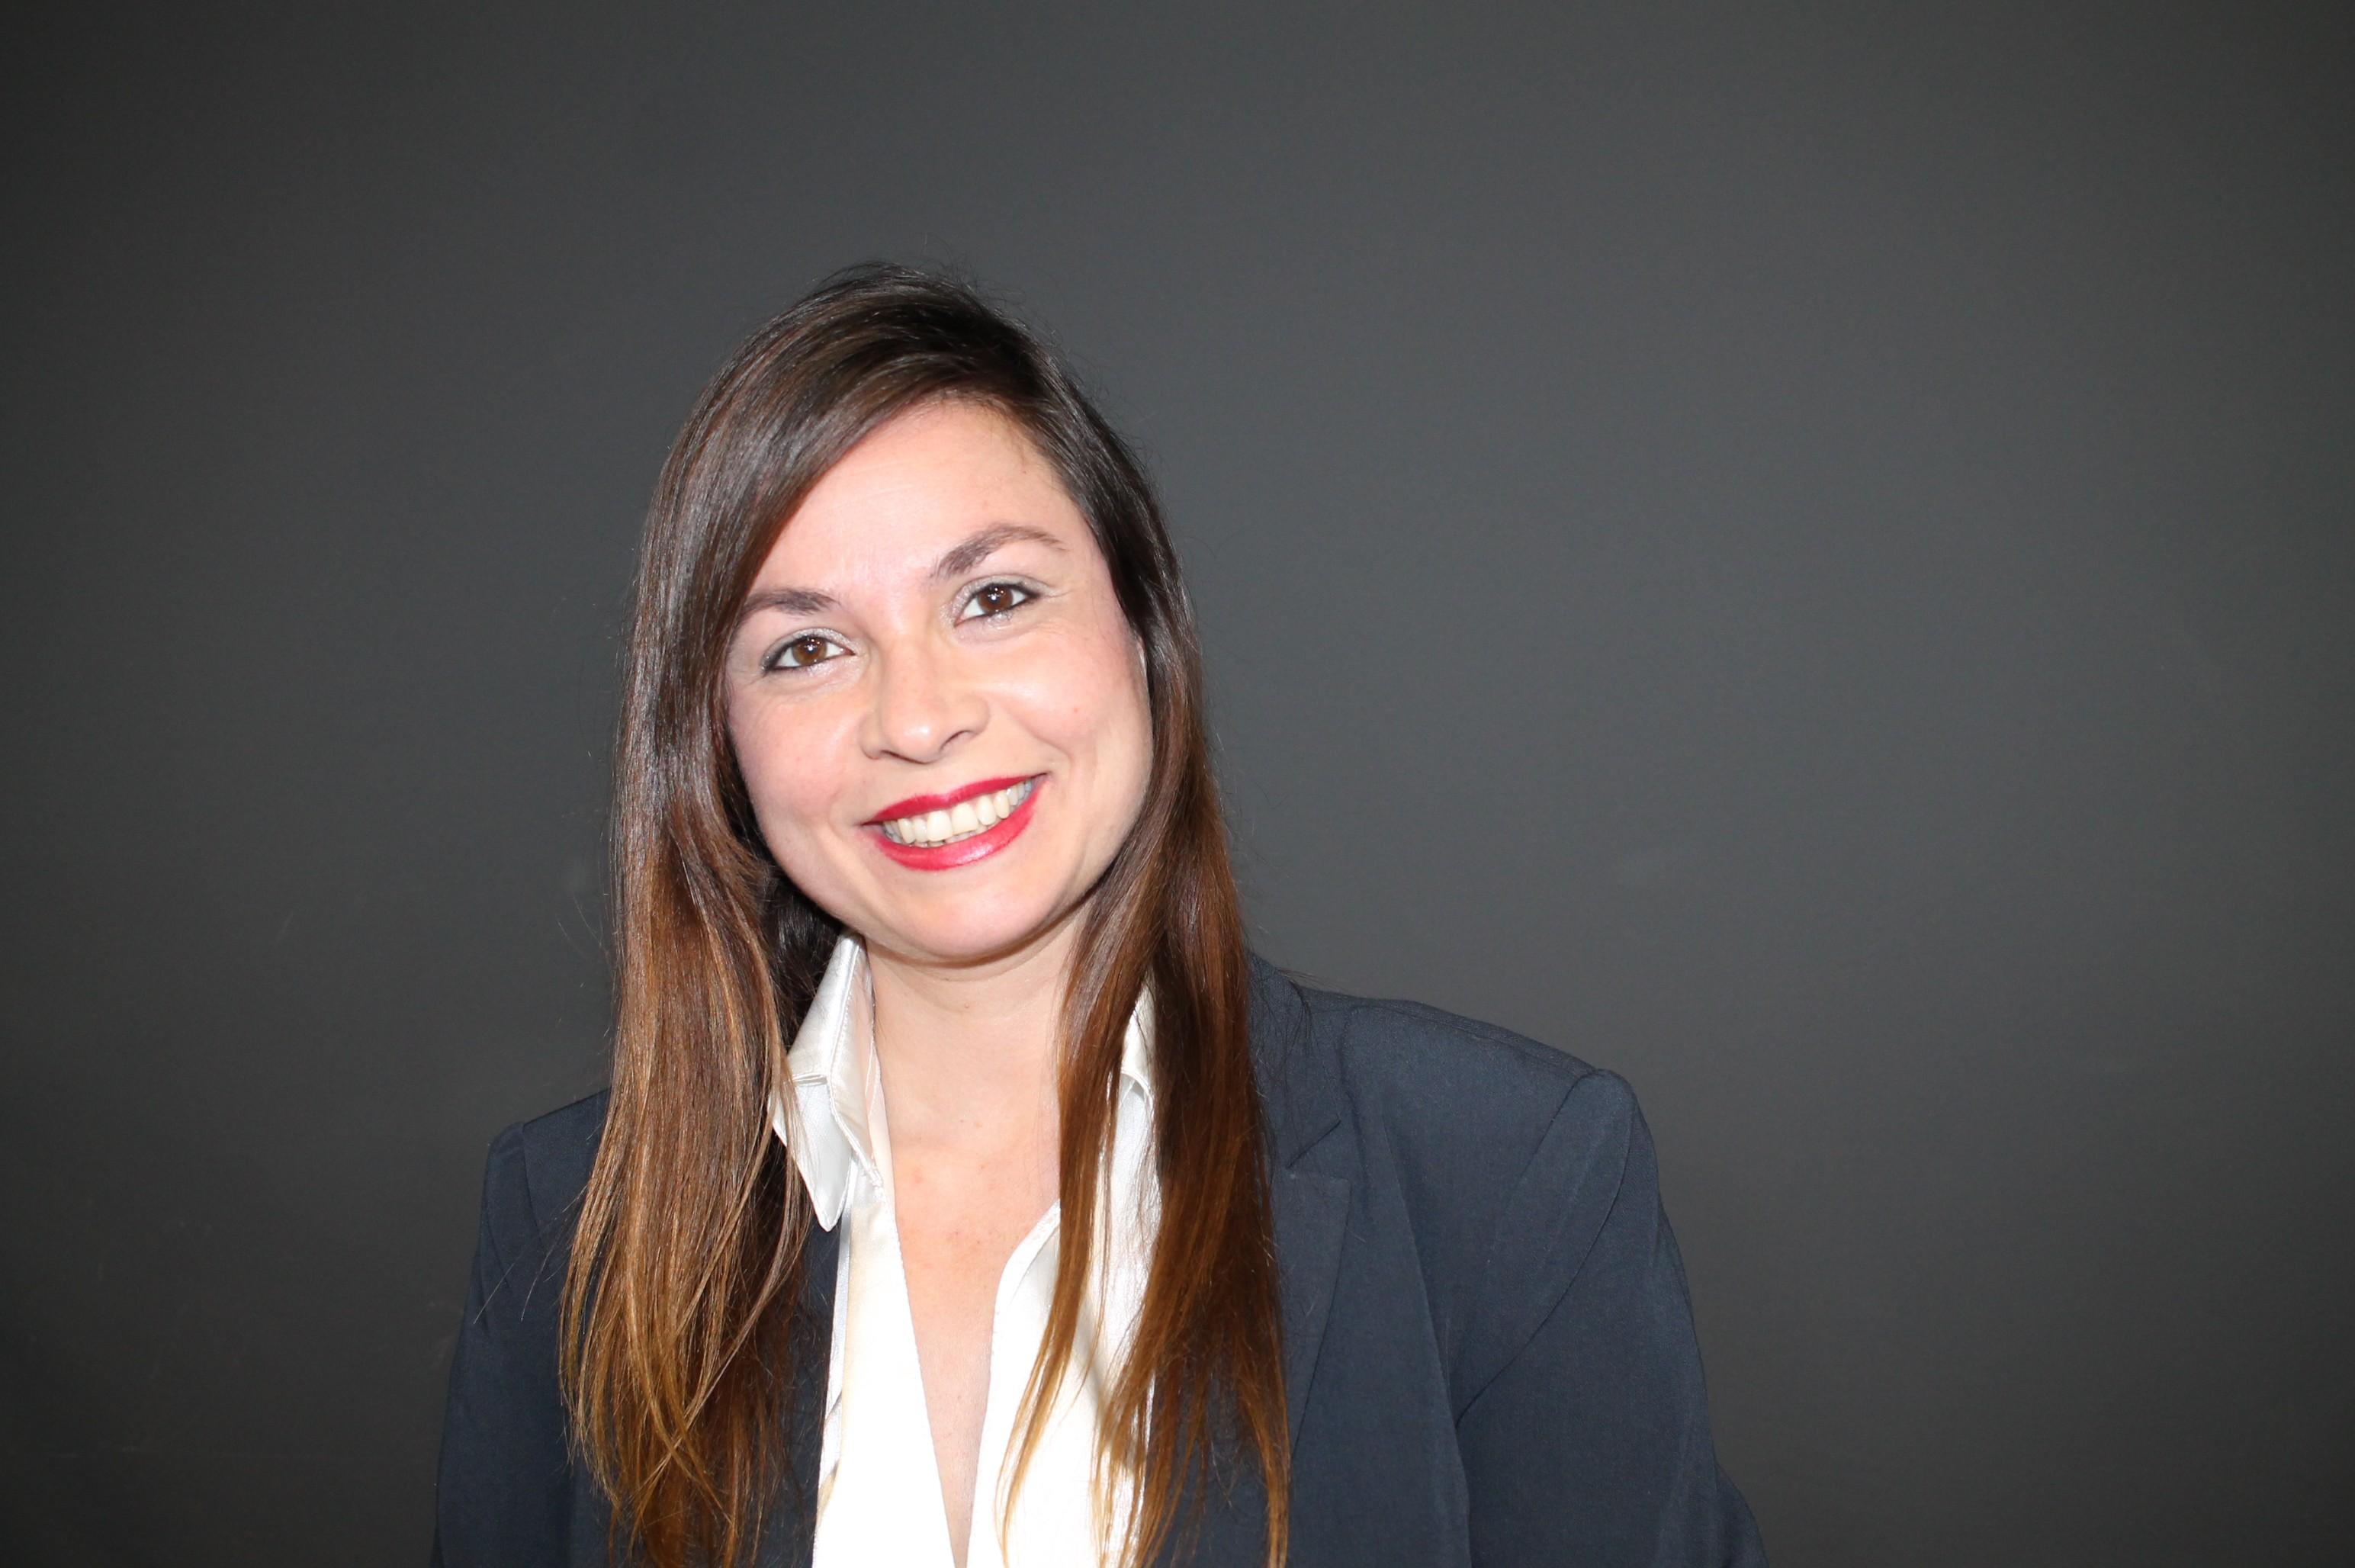 Julia Guerreiro